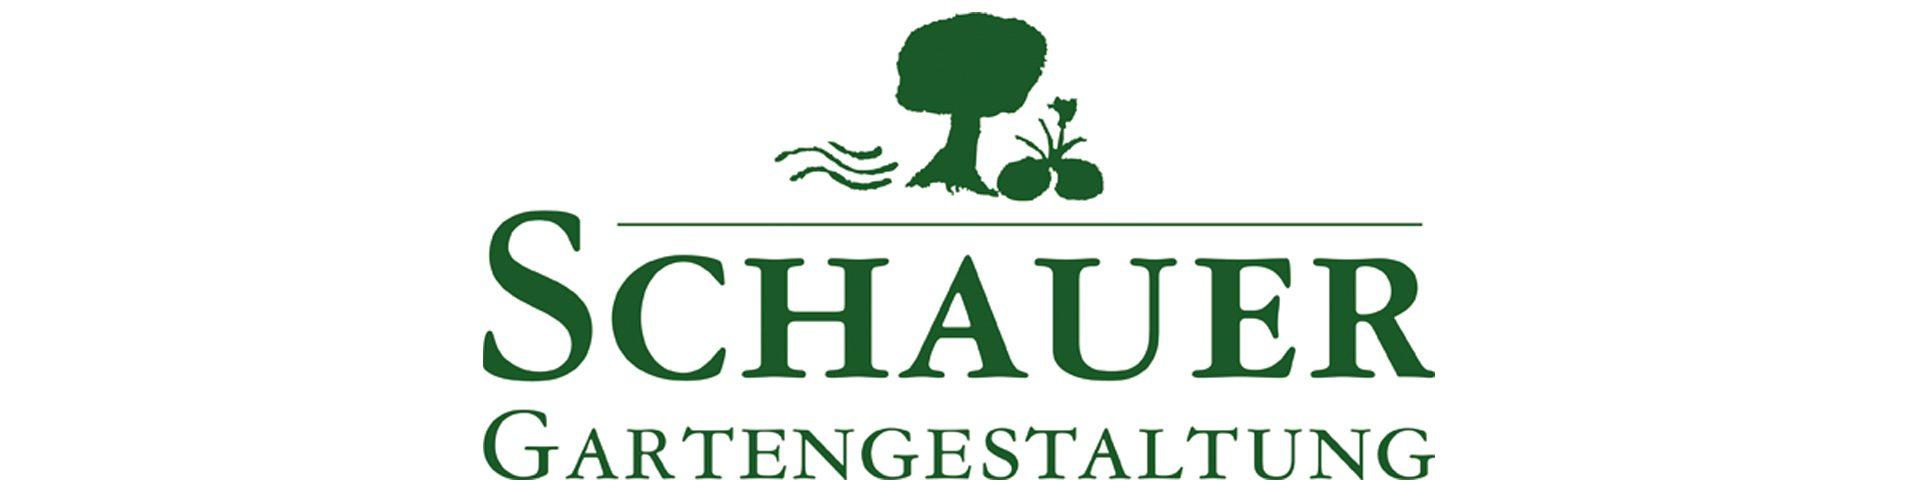 GraphikundGestaltung Grafik und Gestaltung Christoph Fincke Kunden: Gartengestaltung Schauer